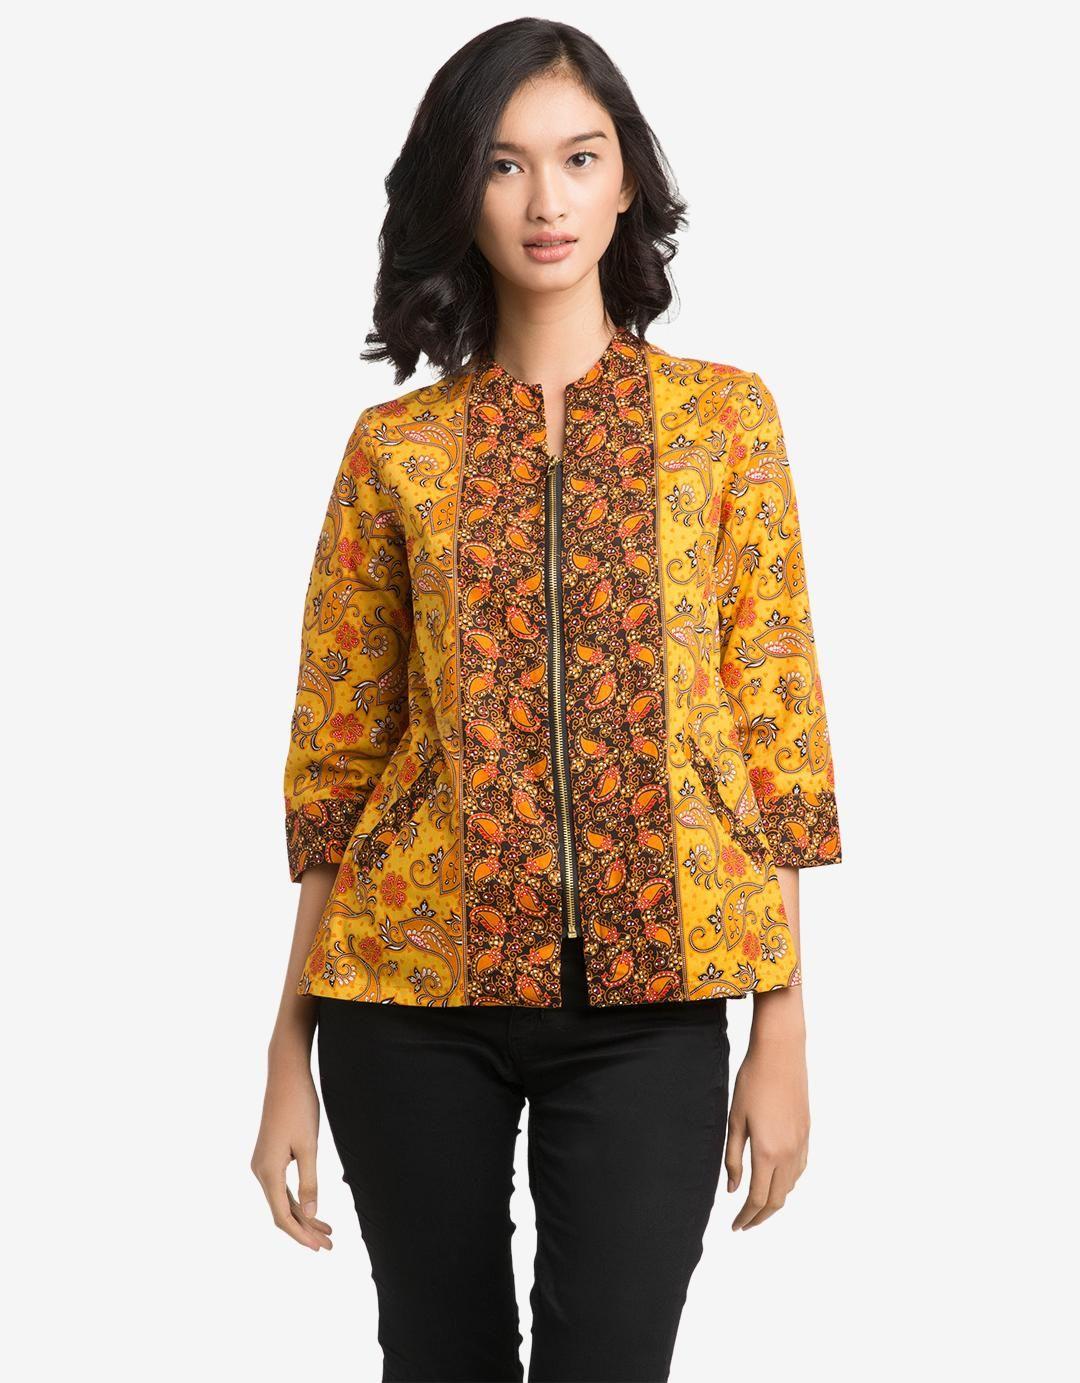 Baju Batik Modis Wanita